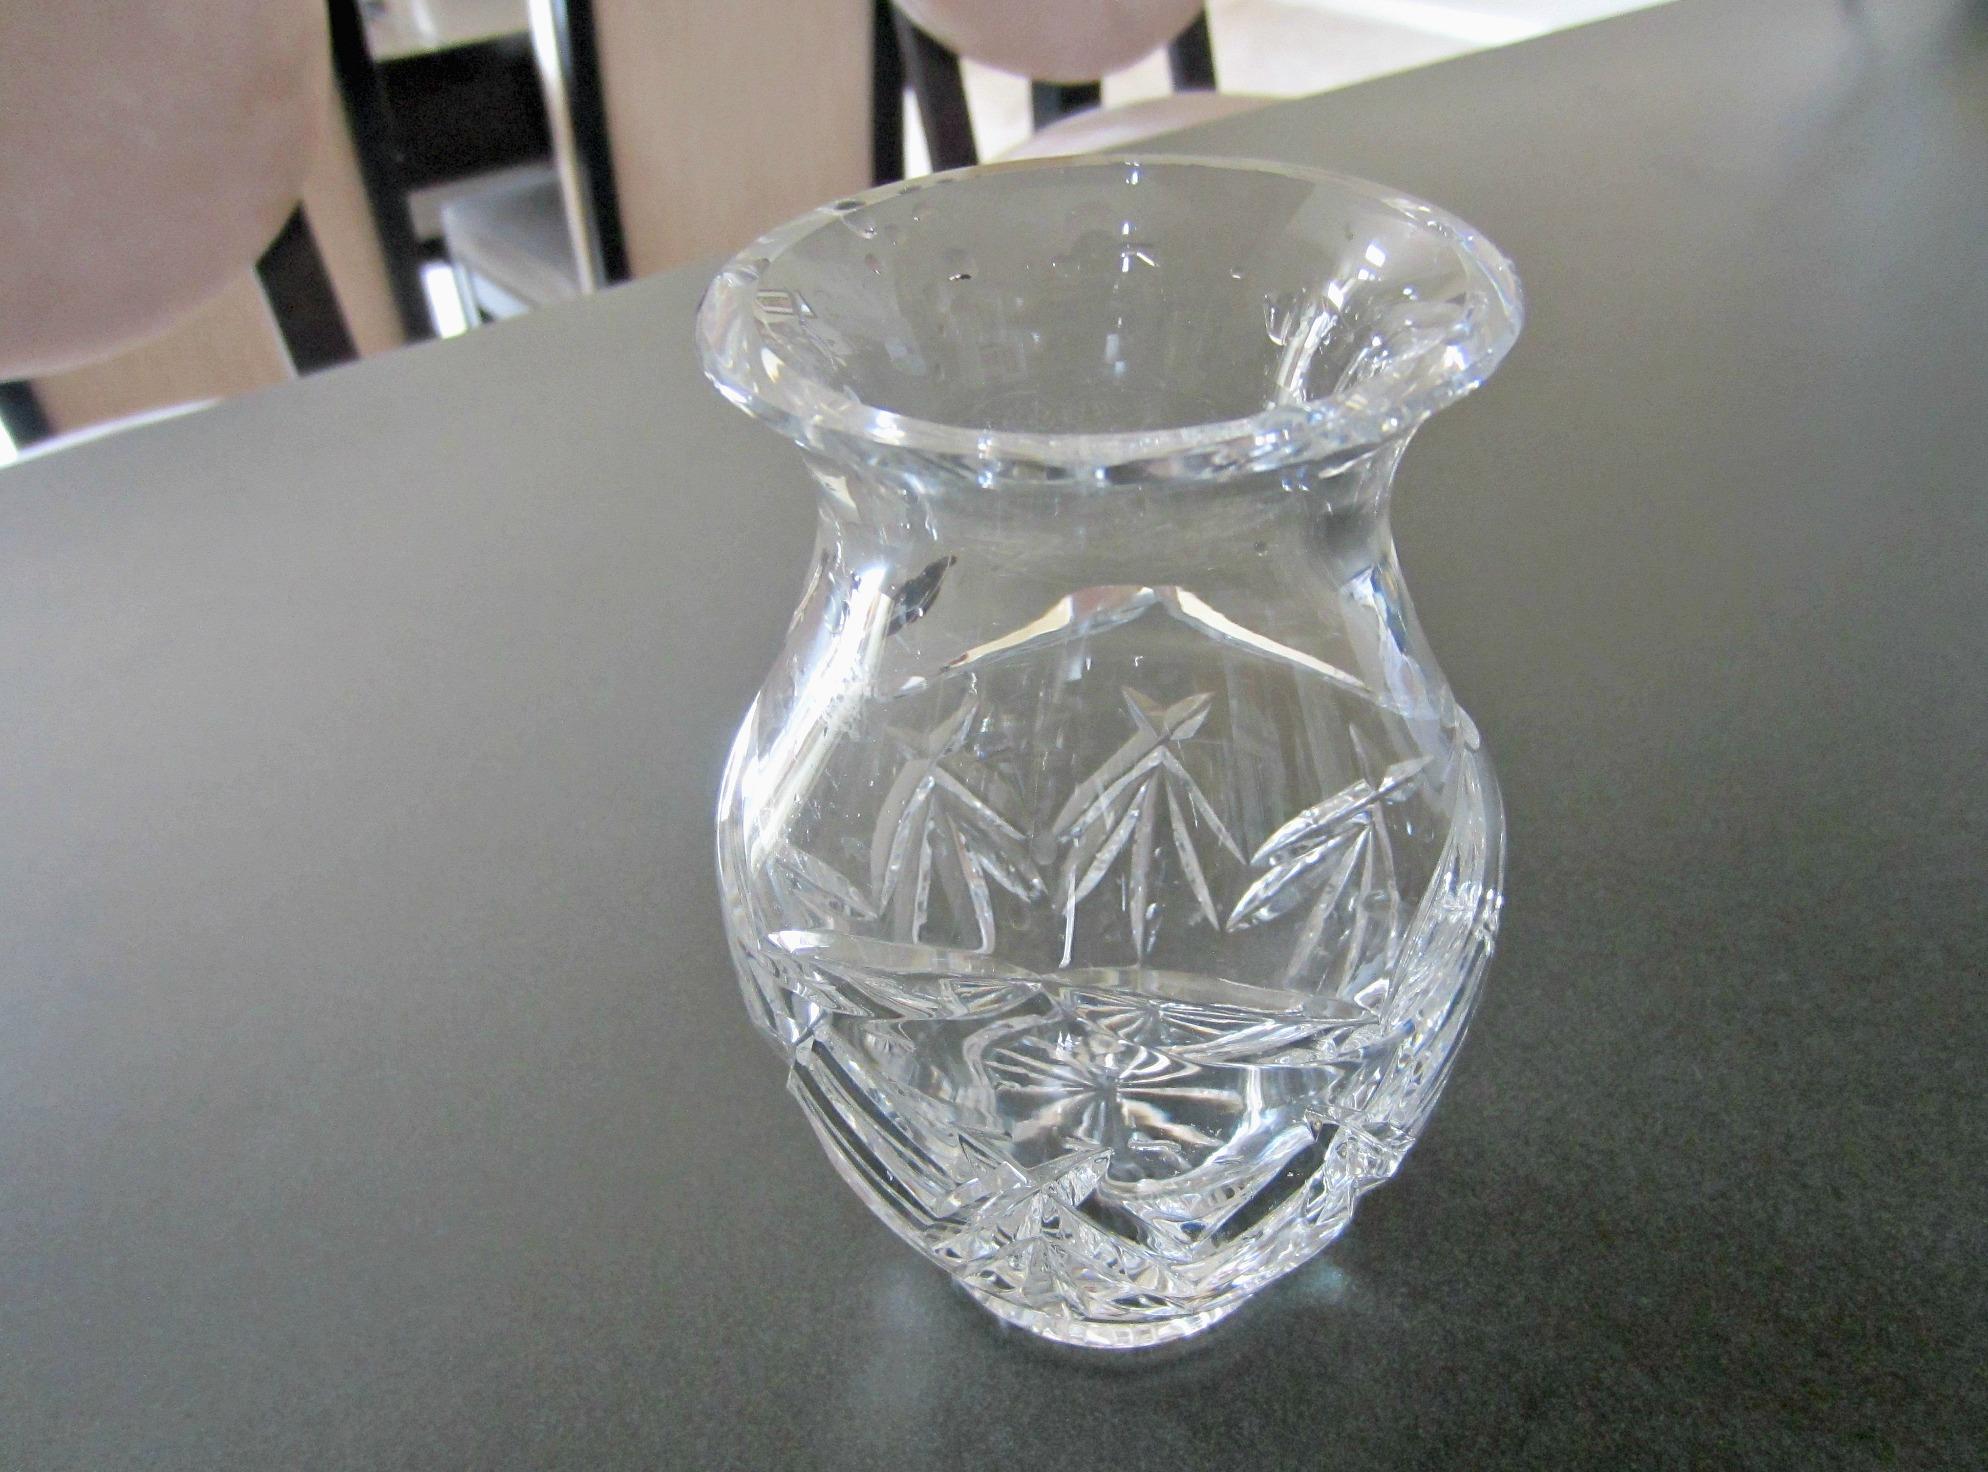 nana's crystal vase